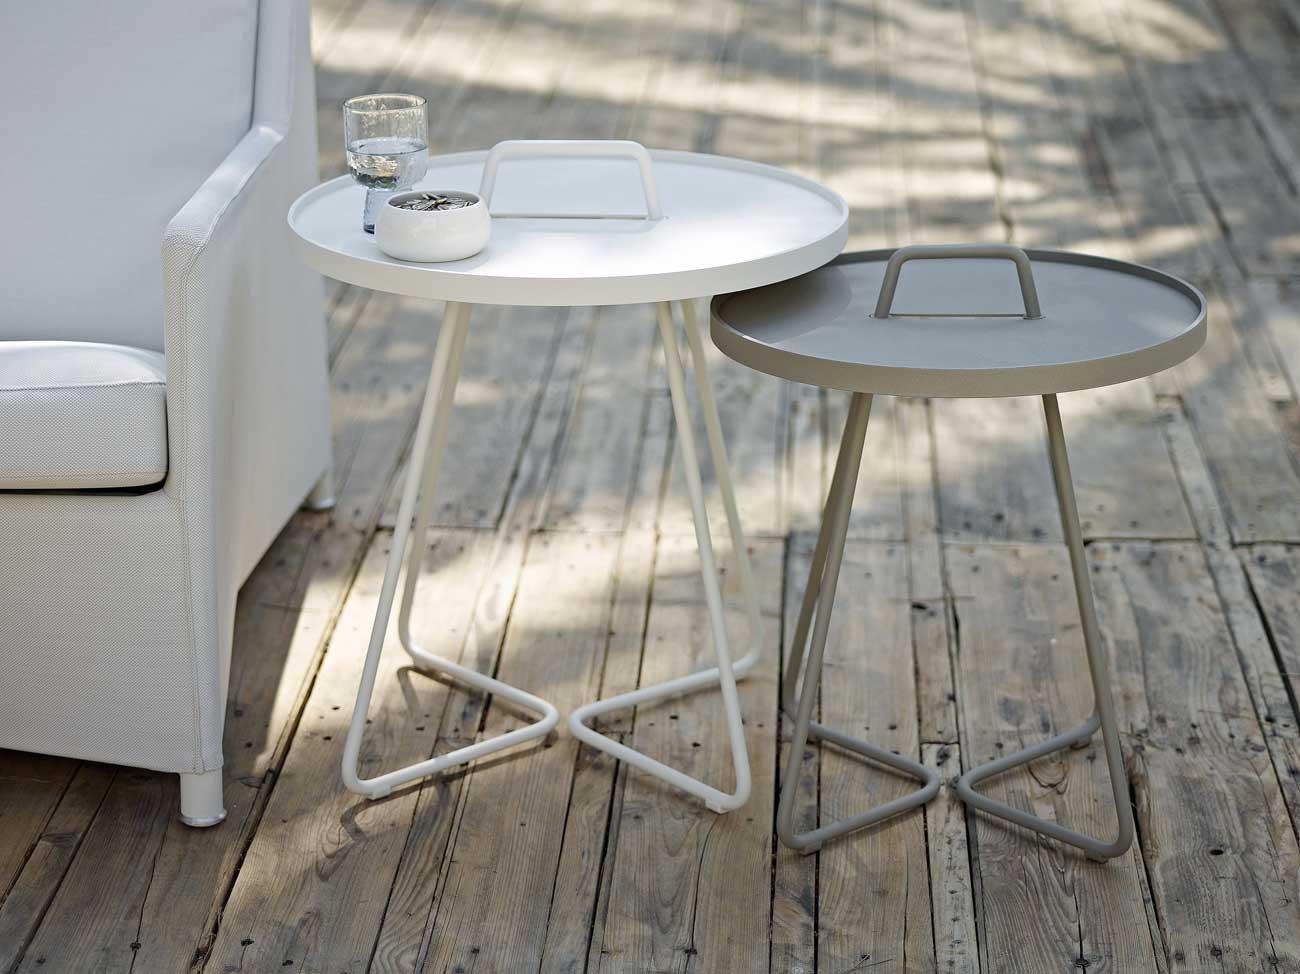 Siro ja helposti siirreltävä alumiinirakenteinen On-the-move-pöytä on muodostumassa klassikoksi. Kuva: Cane-line Turun Kruunukaluste